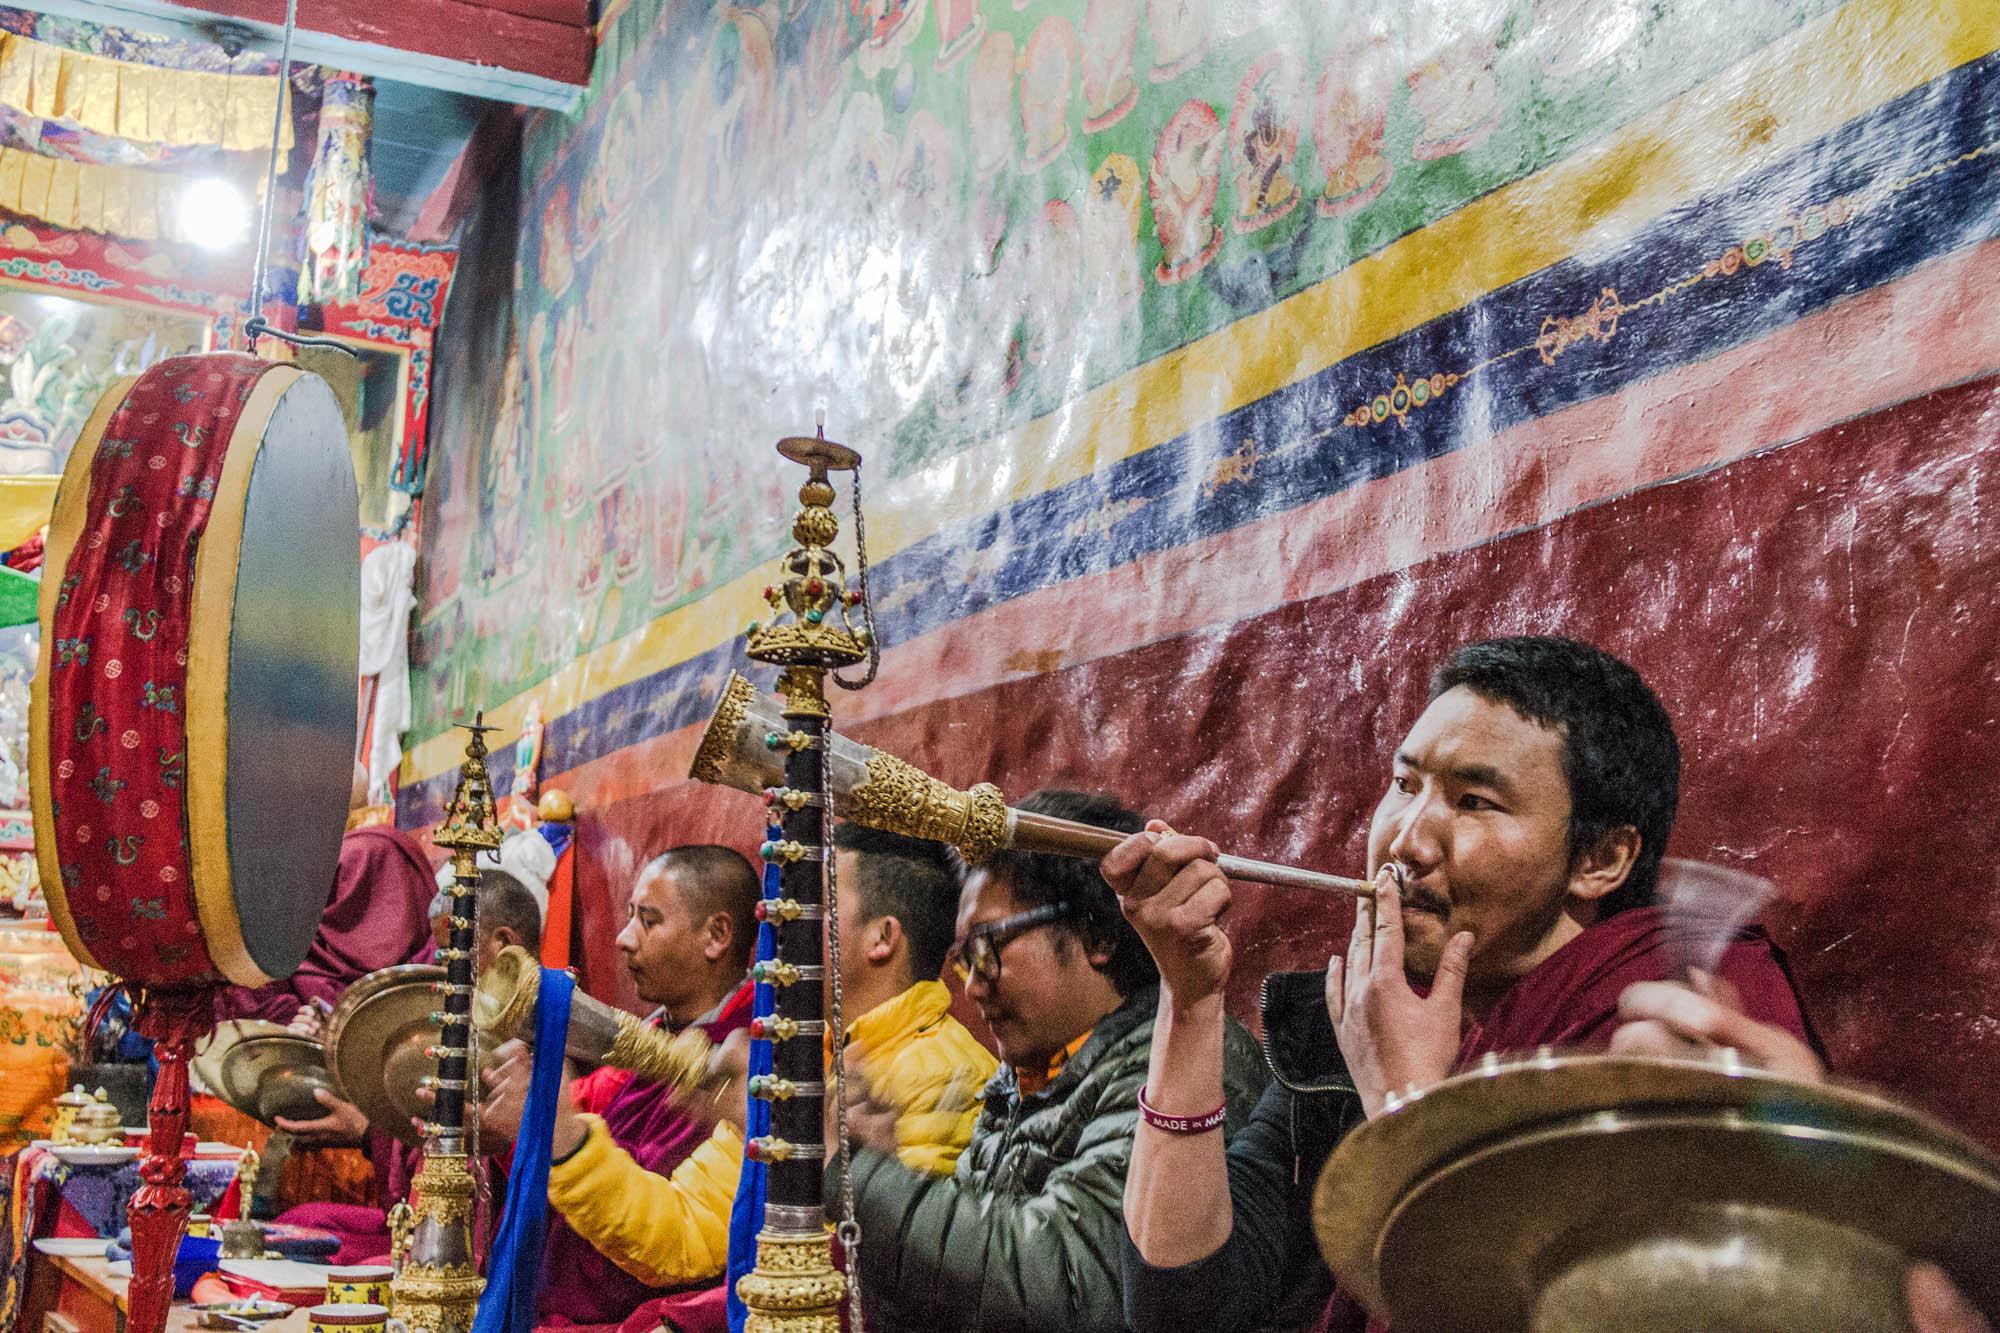 Mönche beten in einem buddhistischen Kloster